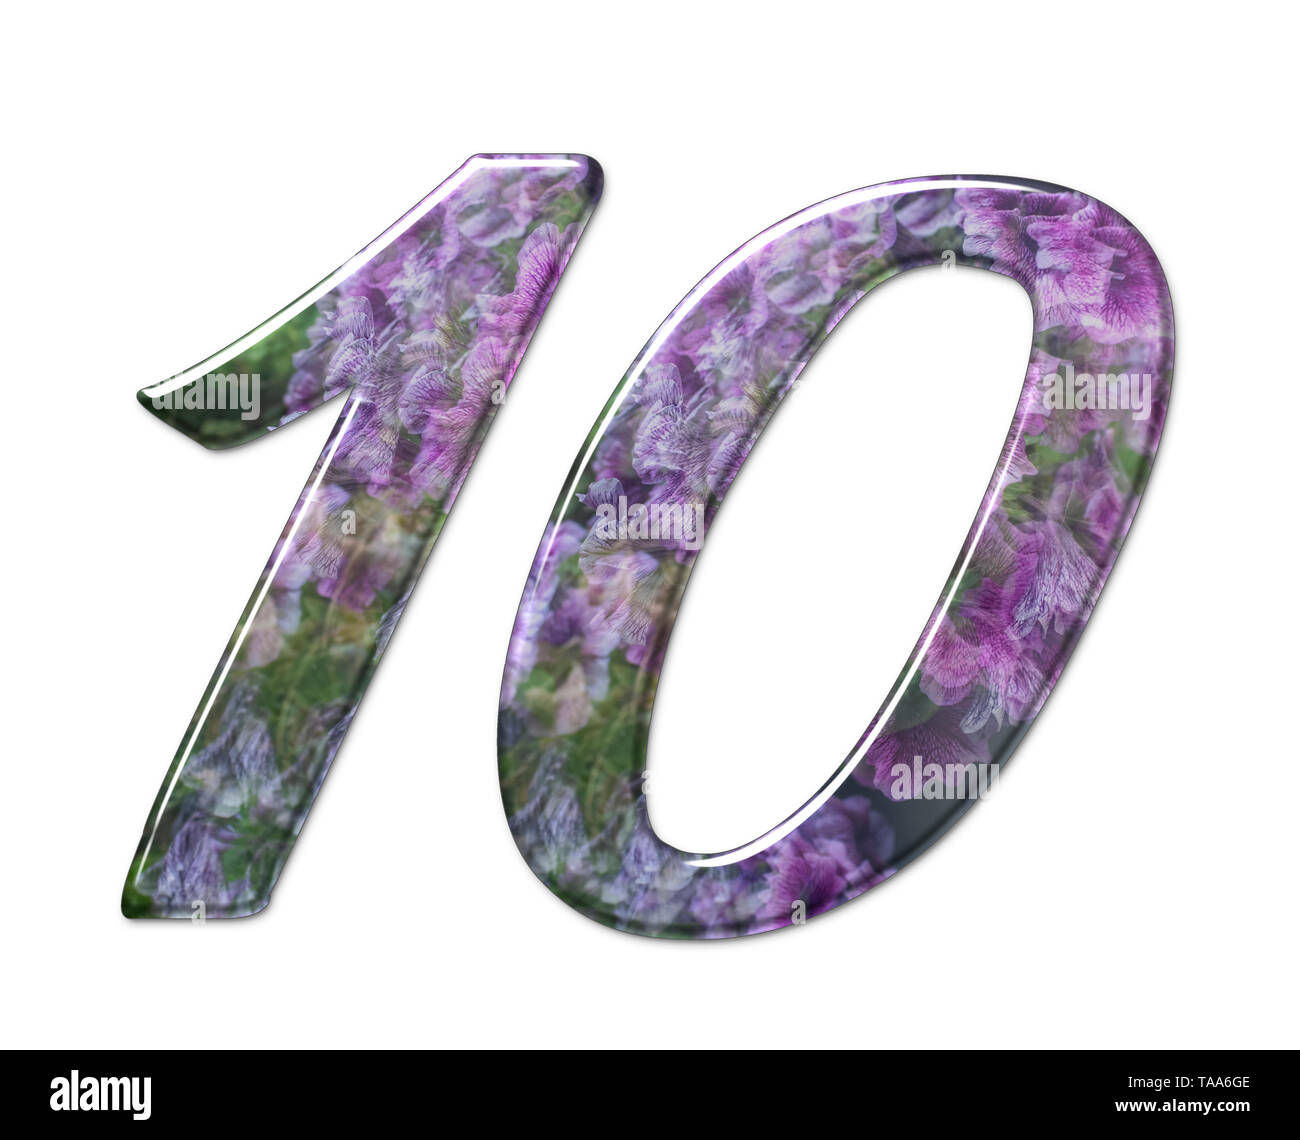 Le nombre dix partie d'un ensemble de lettres, chiffres et symboles de l'alphabet en 3D faite avec une image sur fond blanc Banque D'Images